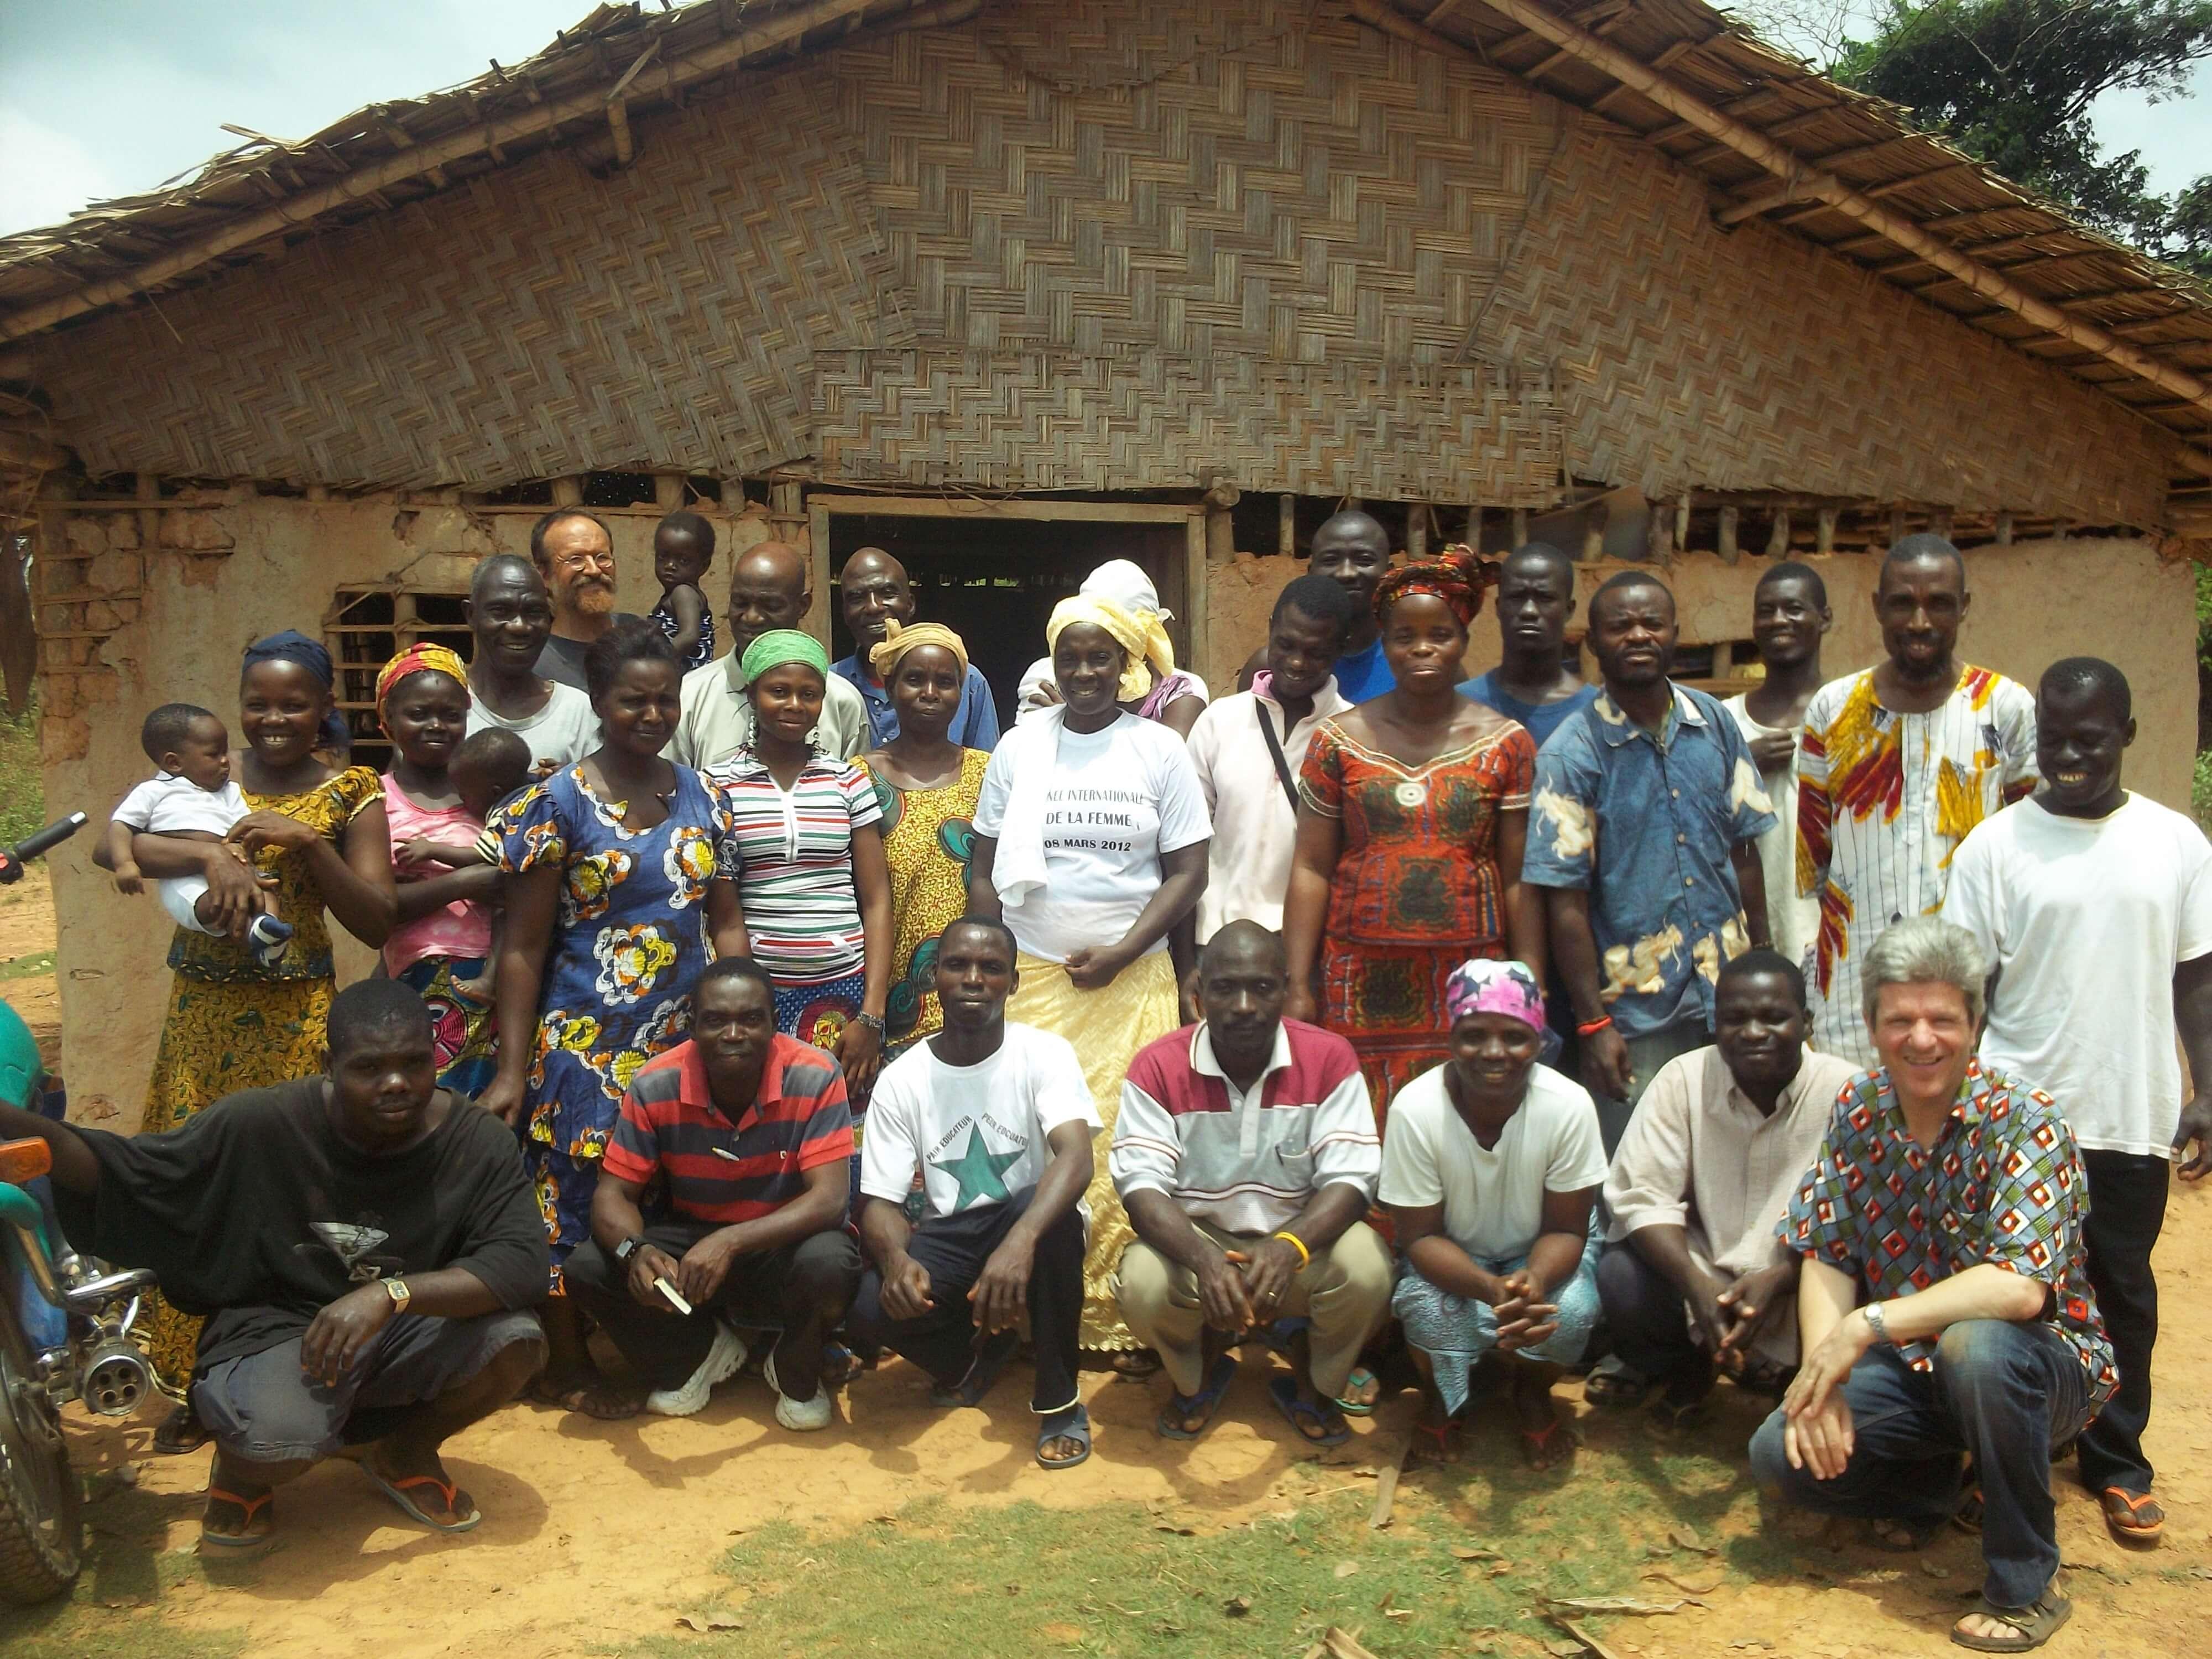 Une des églises ivoiriennes du camp de réfugiés